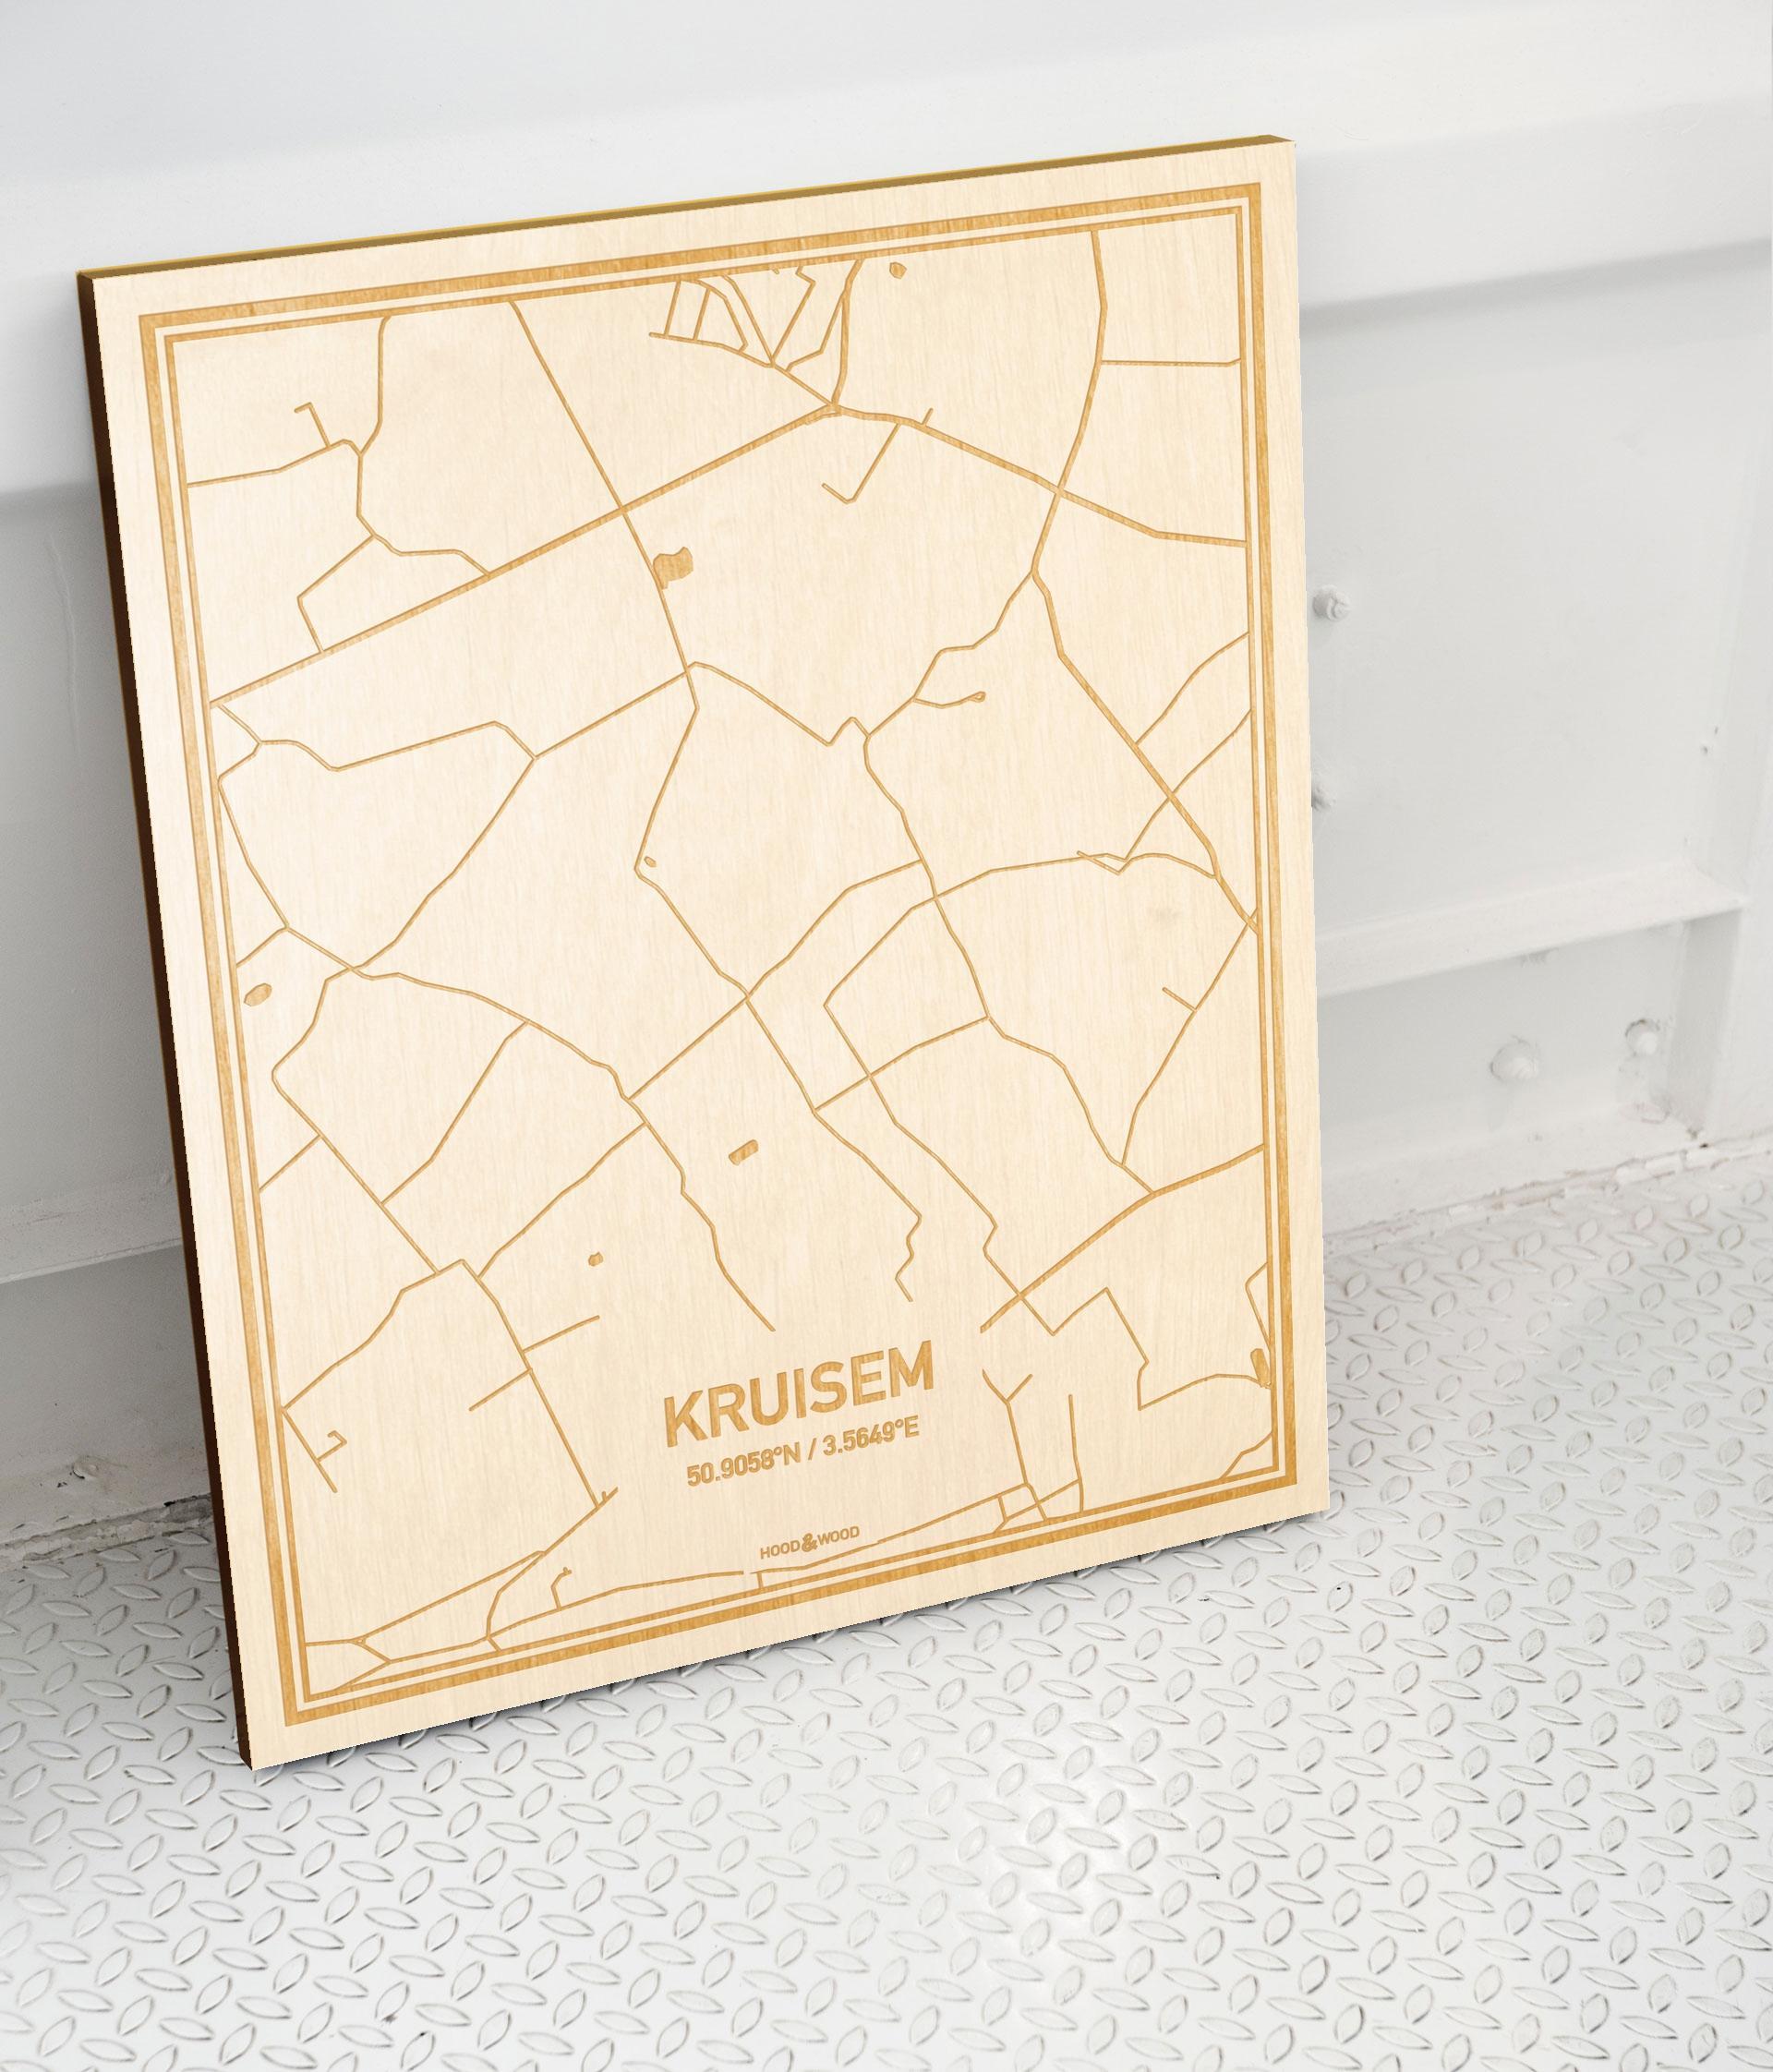 Plattegrond Kruisem als prachtige houten wanddecoratie. Het warme hout contrasteert mooi met de witte muur.